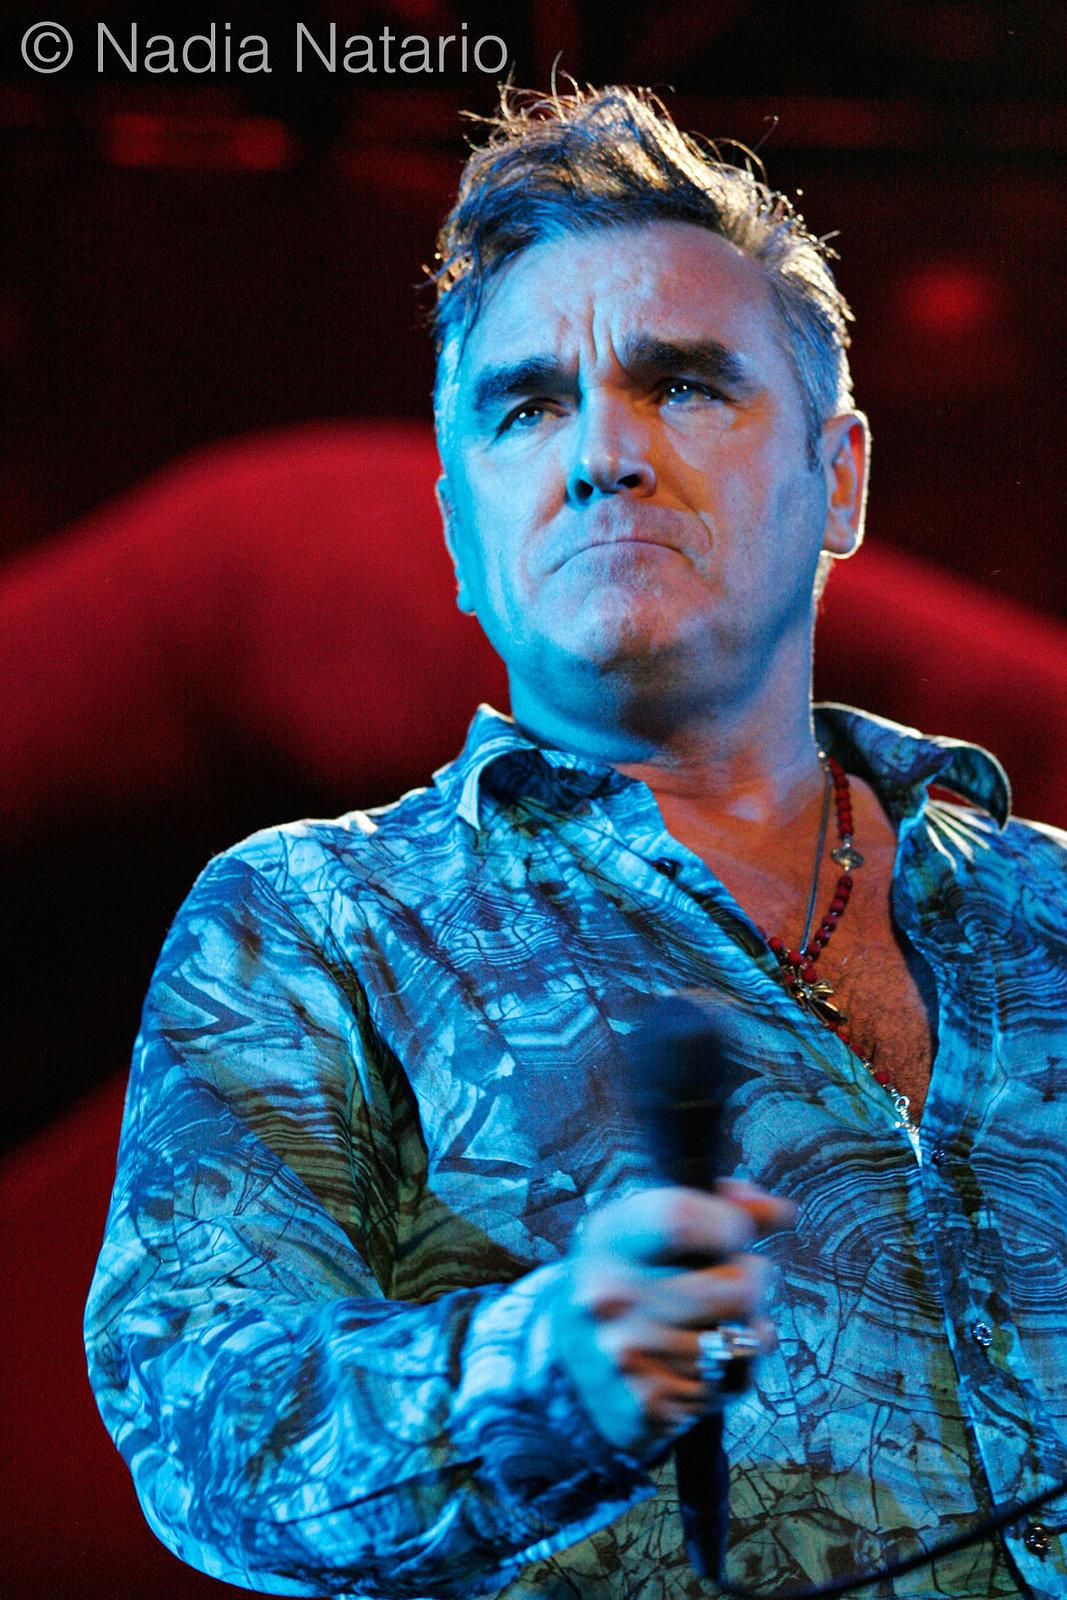 Morrissey at Coachella 2009